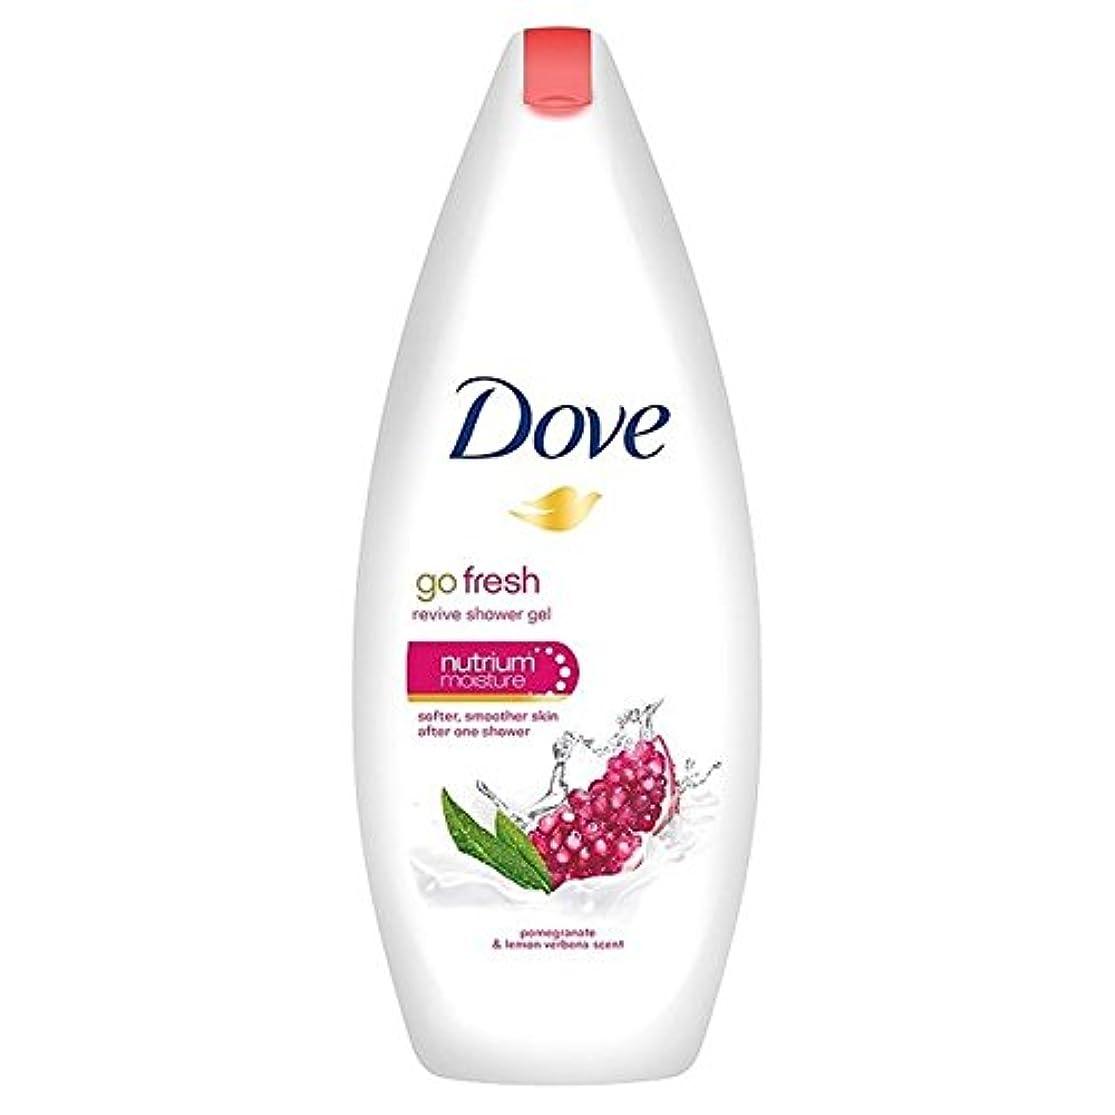 アラブ情熱的サーキットに行くDove Go Fresh Pomegranate Body Wash 250ml - 鳩は、新鮮なザクロボディウォッシュ250ミリリットルを行きます [並行輸入品]